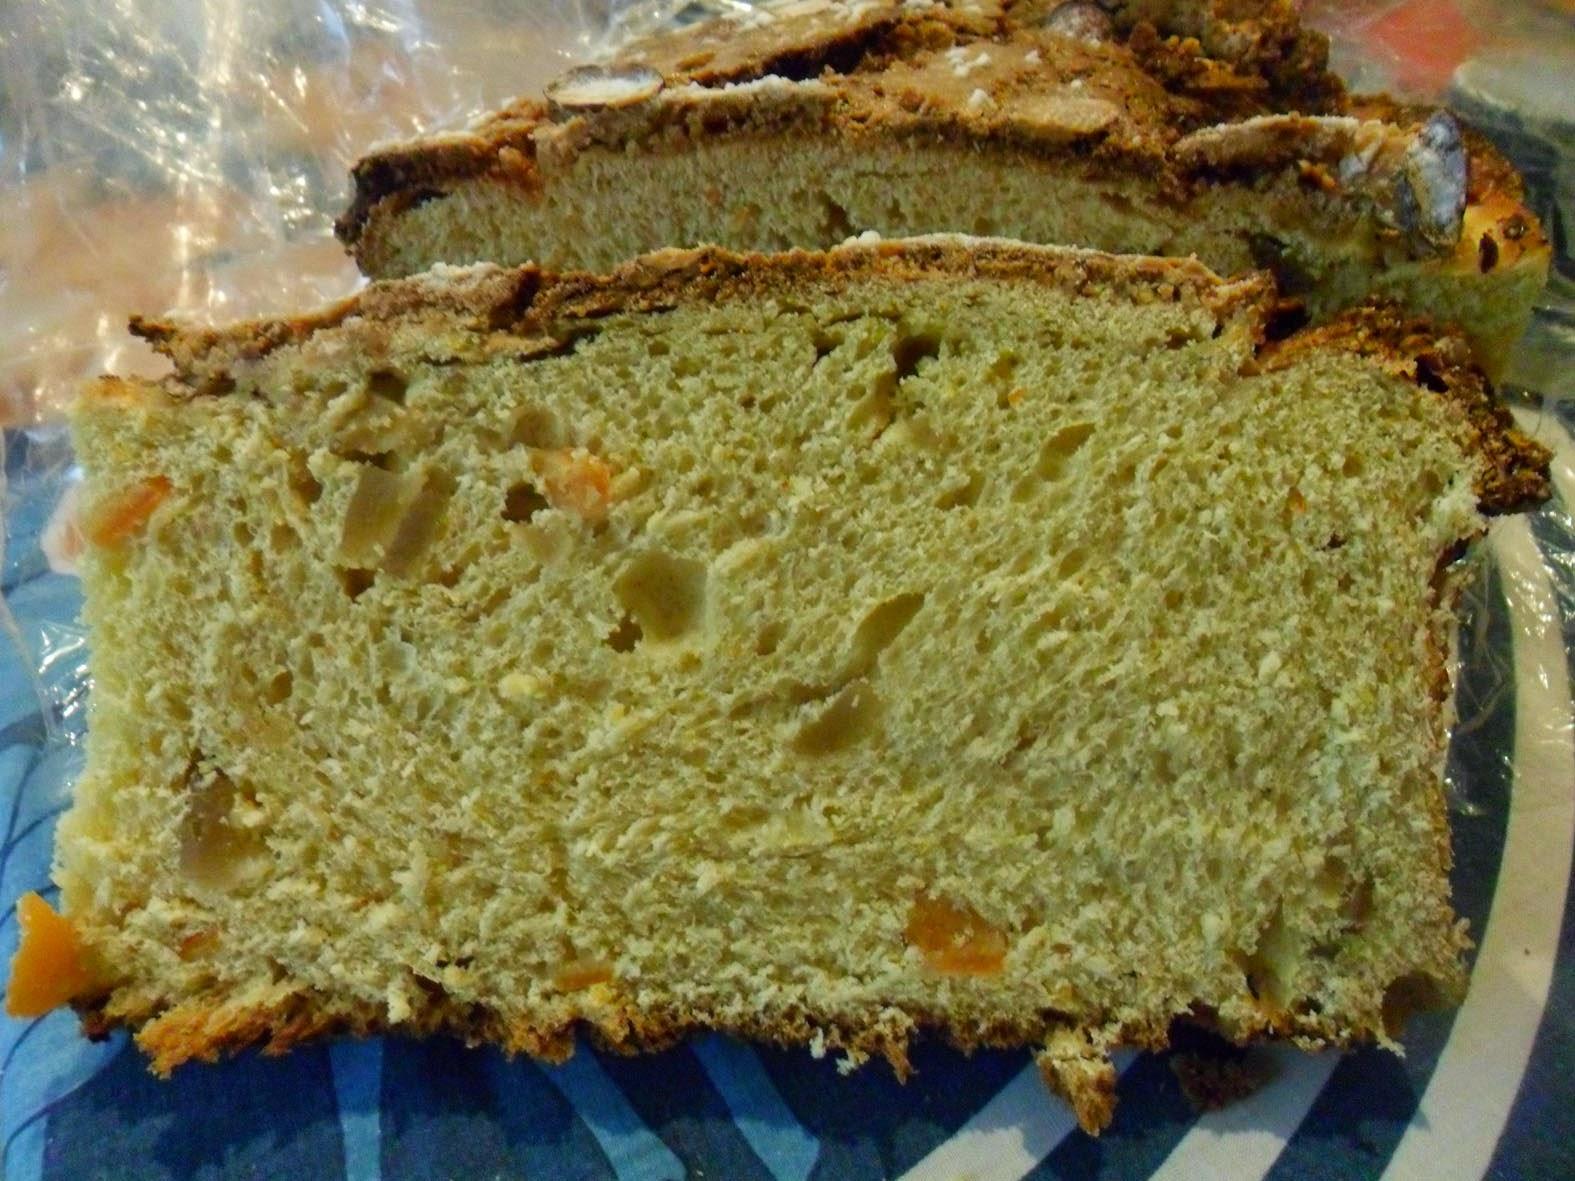 Ricette di cucina, dolci, pane lievitato : Cedro candito per colomba ...